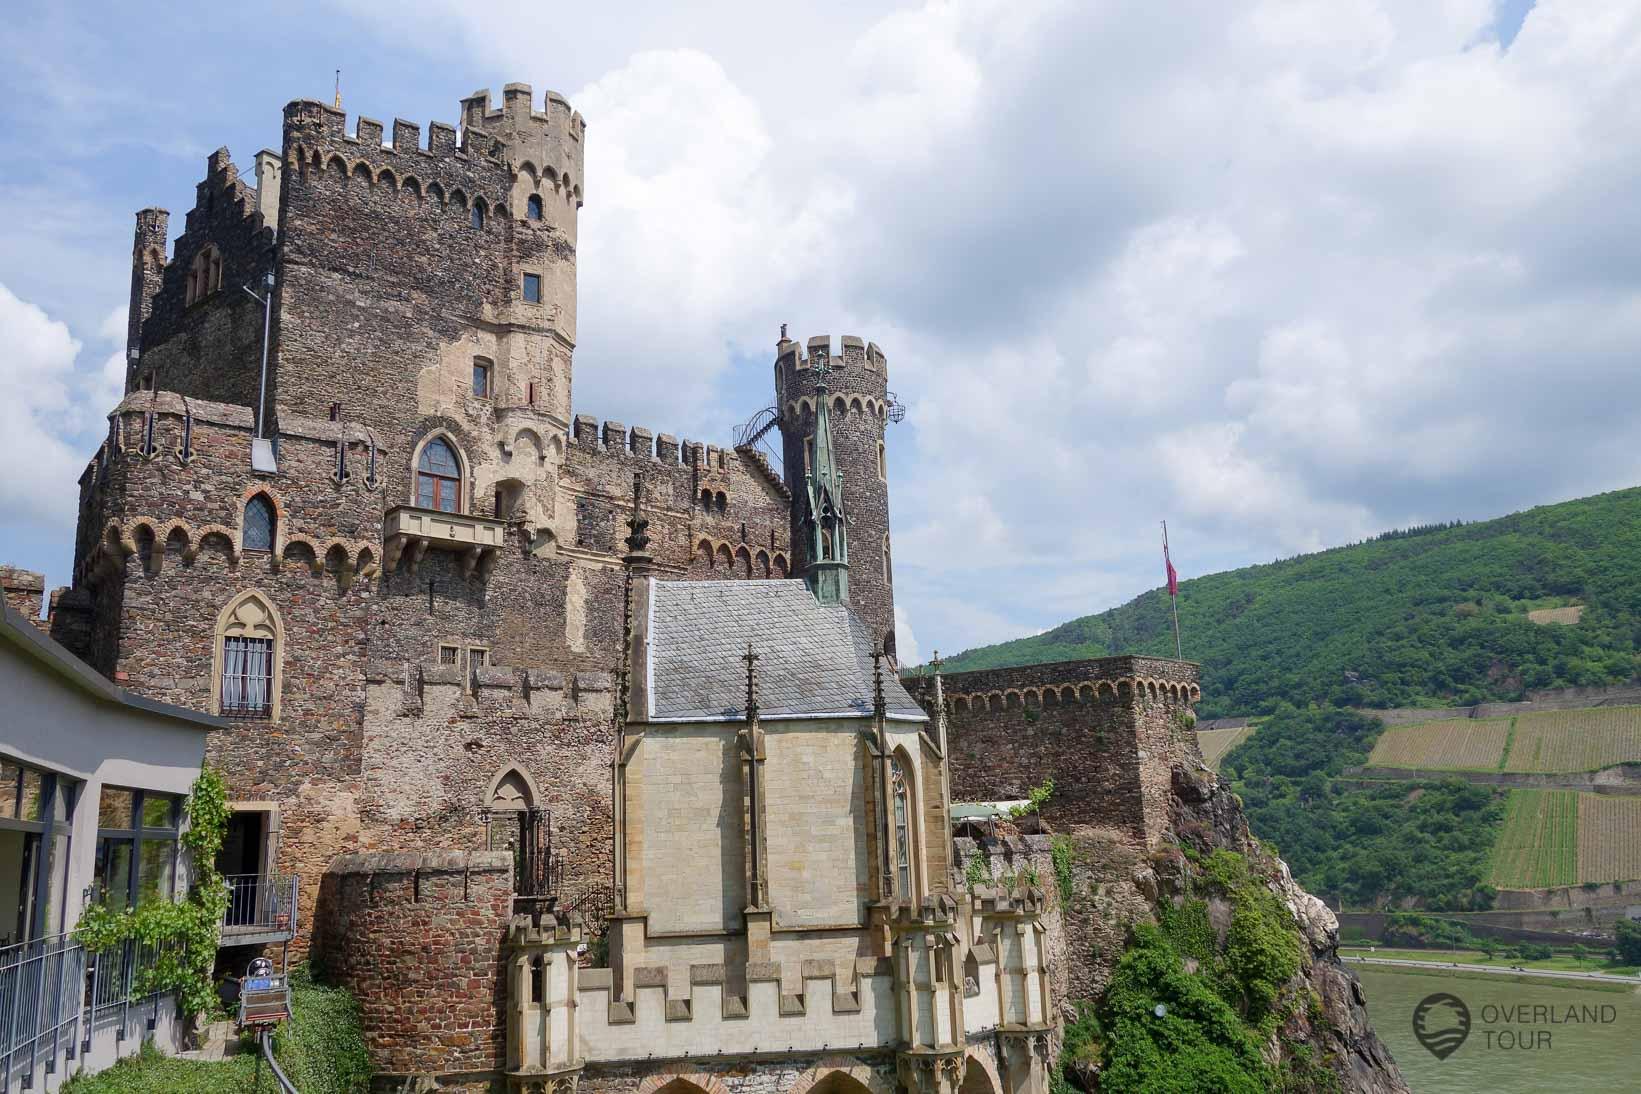 Mein Tipp ist die Burg Rheinstein - Ein echtes Highlight auf dem RheinBurgenWeg